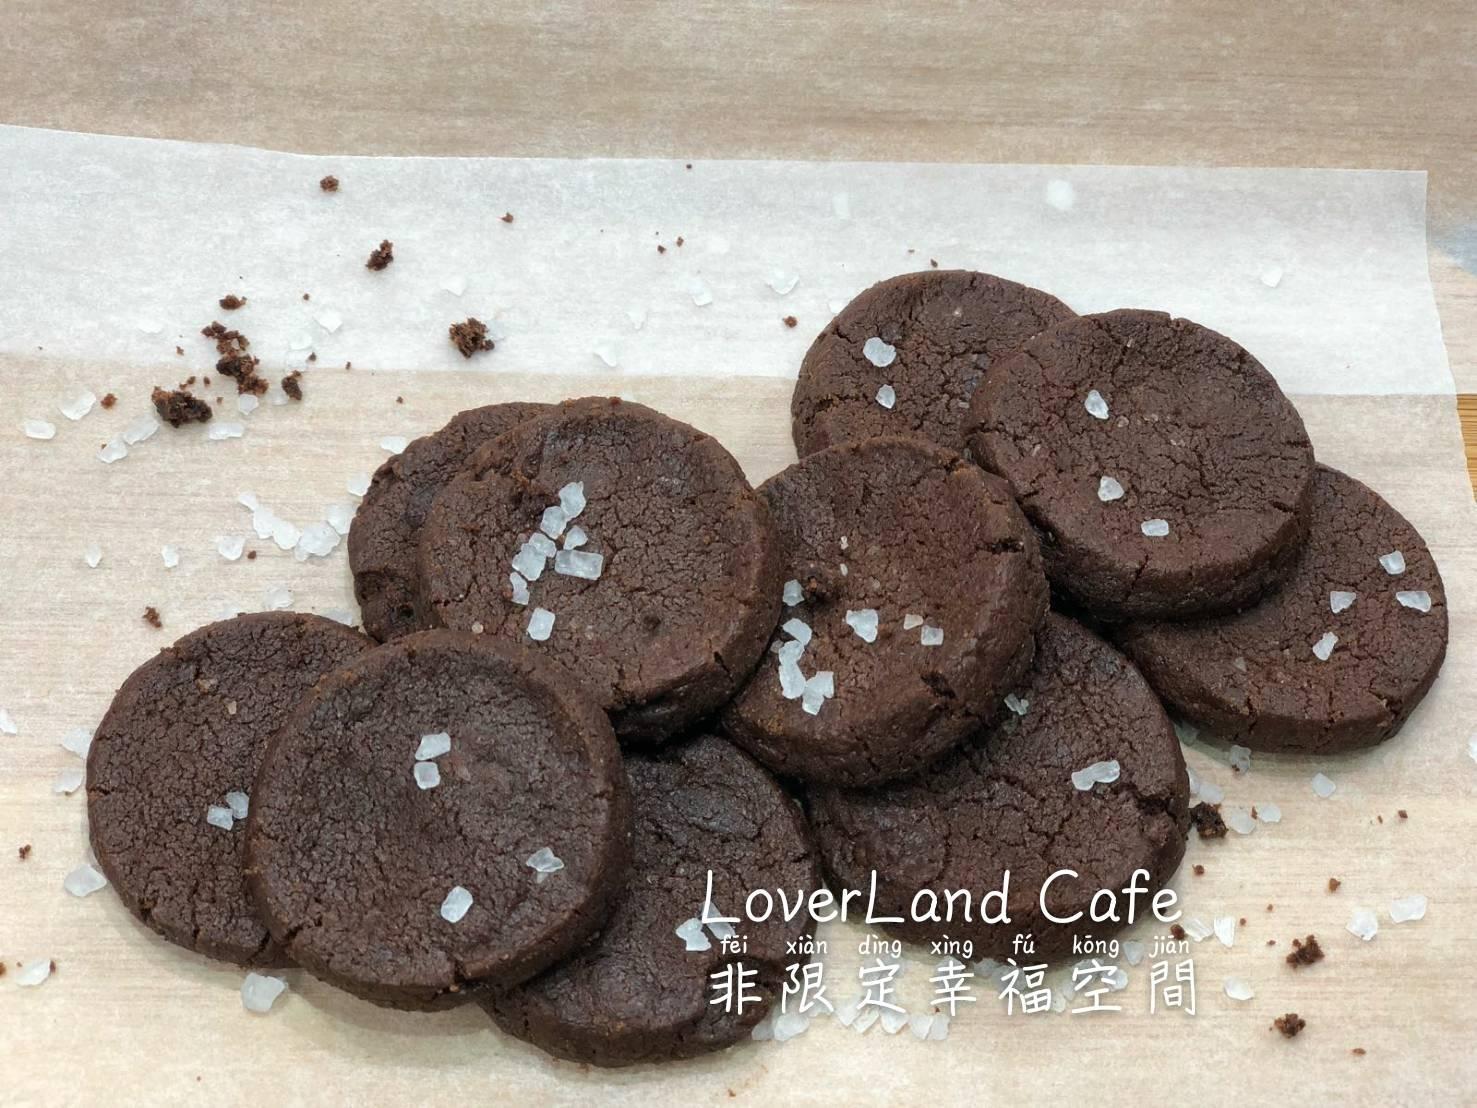 海鹽巧克力曲奇 Sea Salt Chocolate Cookies (12塊入)